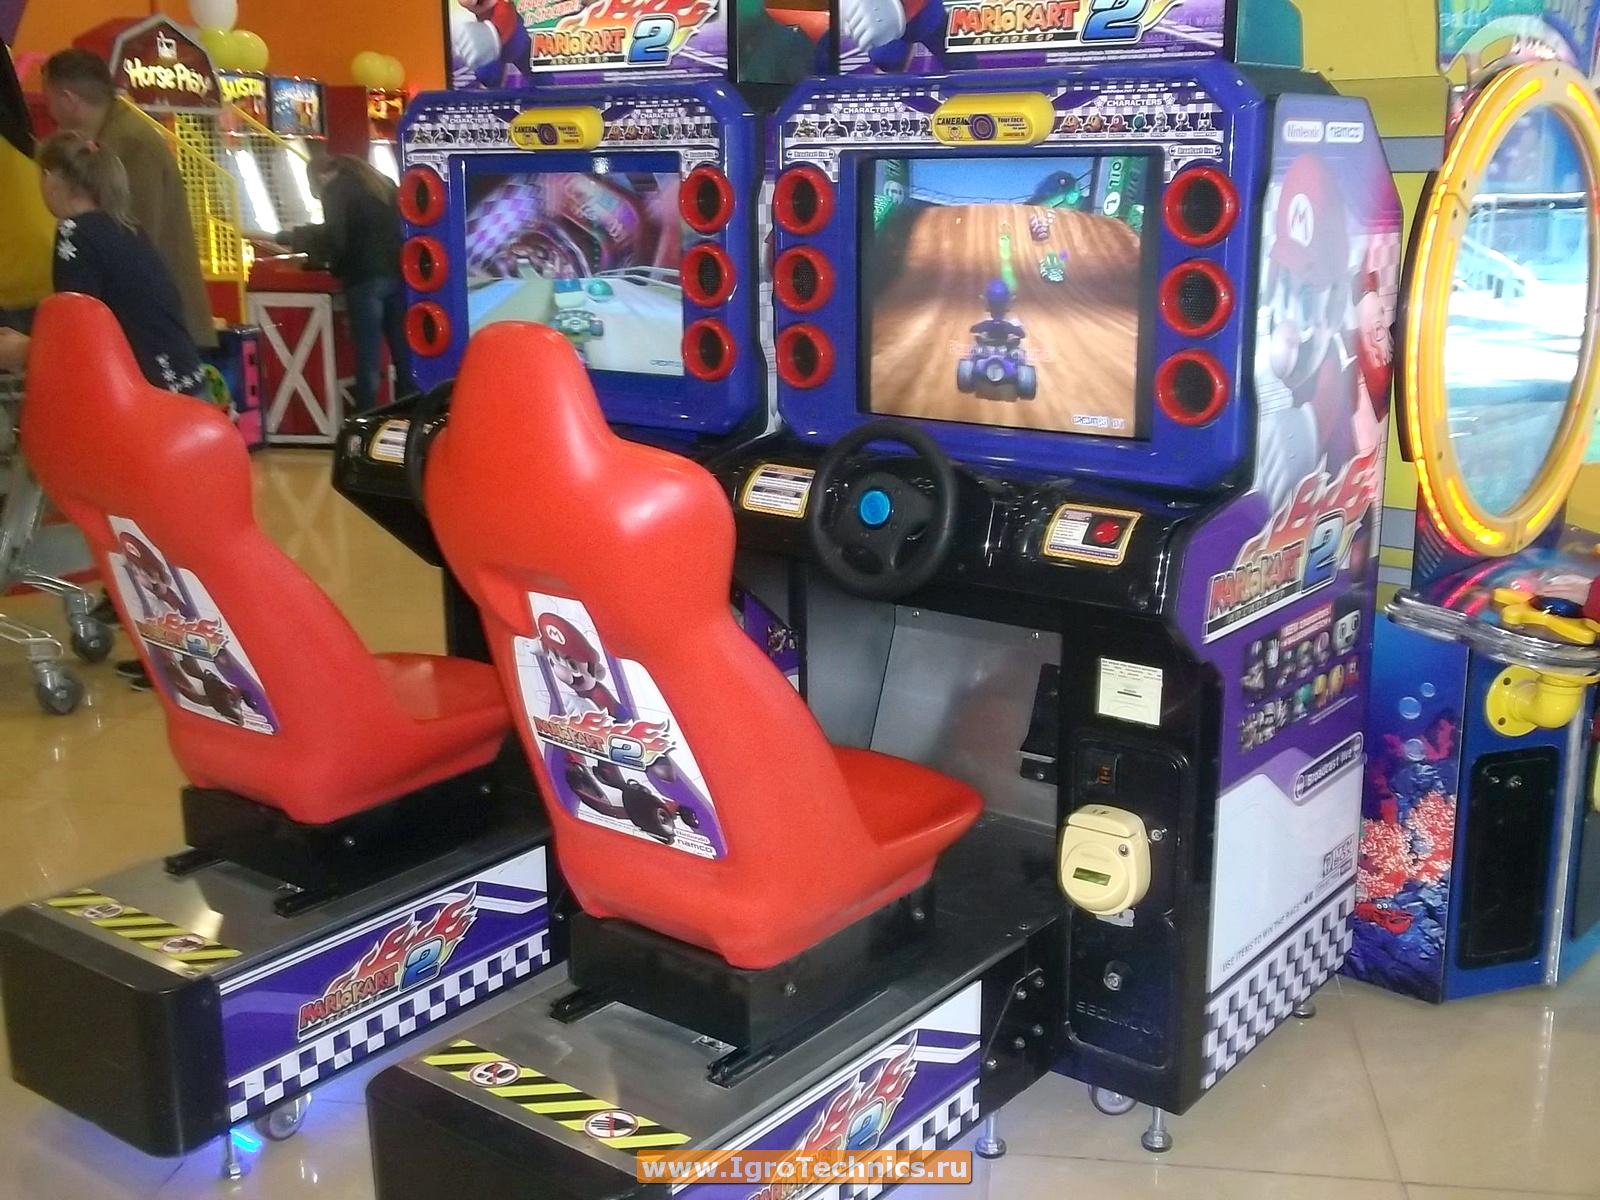 Скачать игровые аппараты admiral chara захват подпольных казино